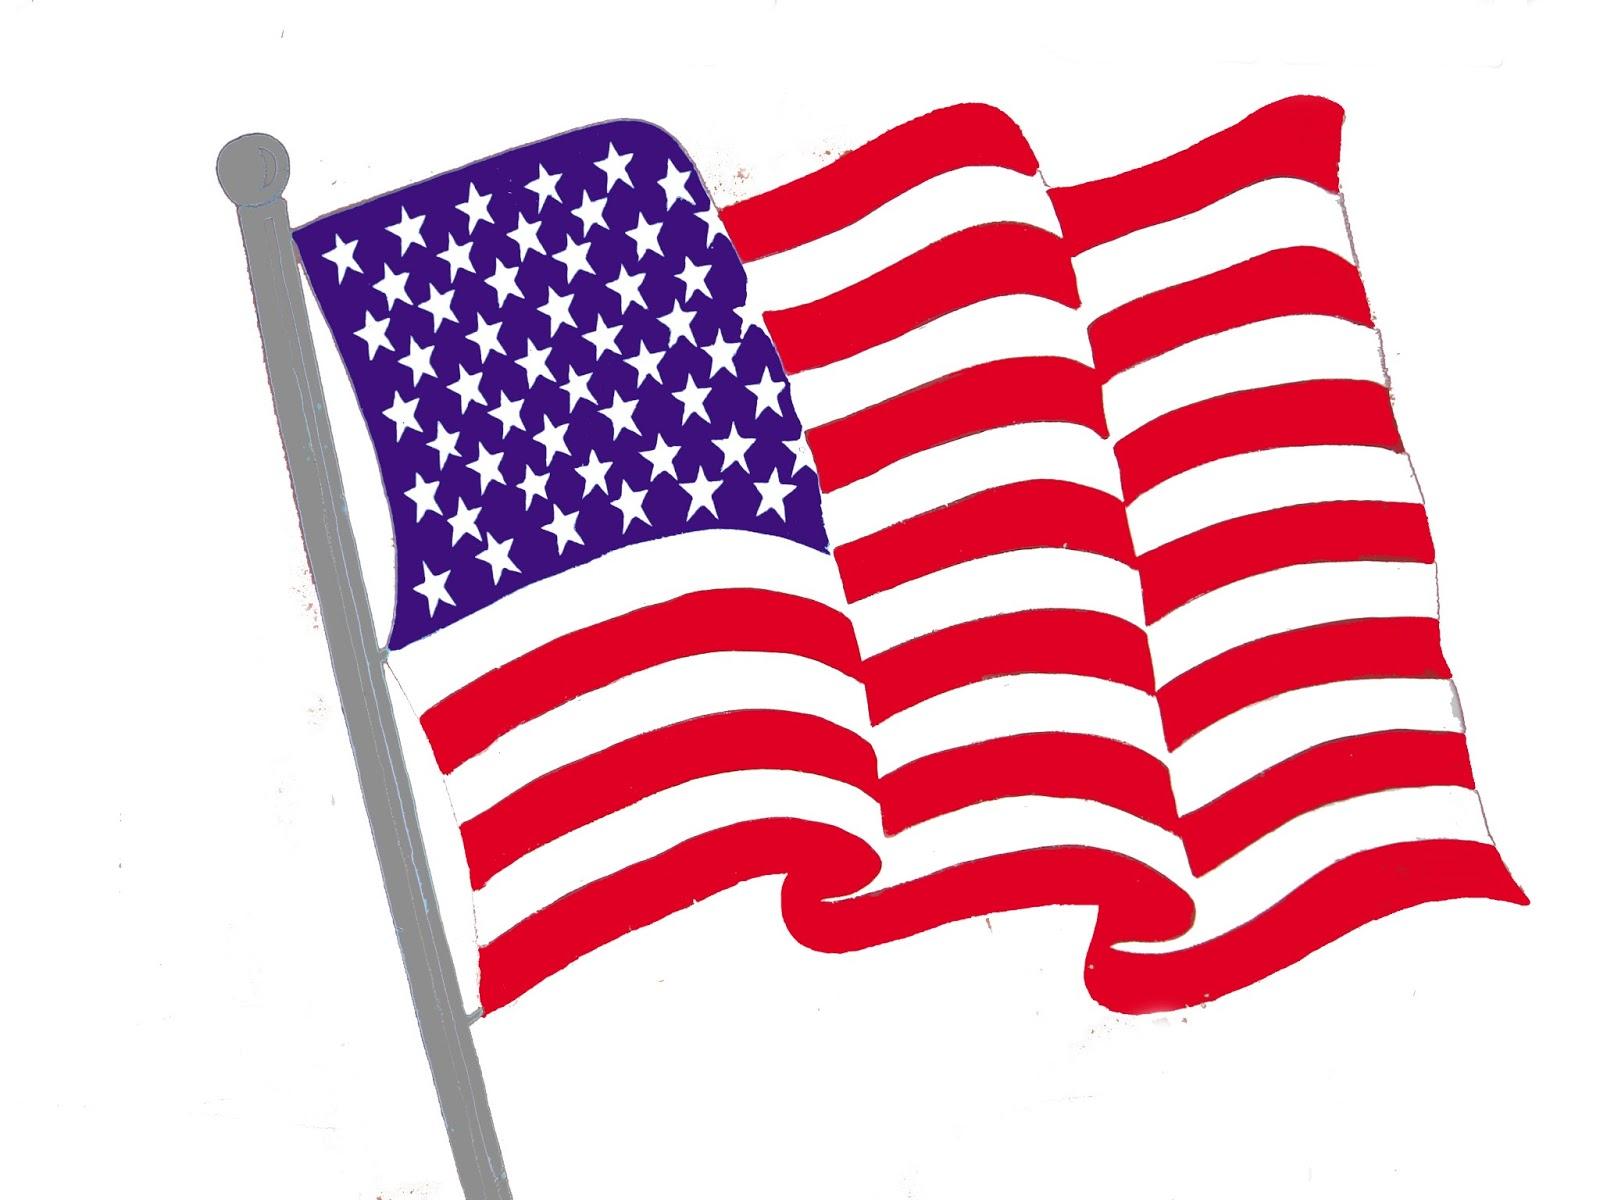 Us Flag Clip Art United States Flag Fink-Us flag clip art united states flag fink-7